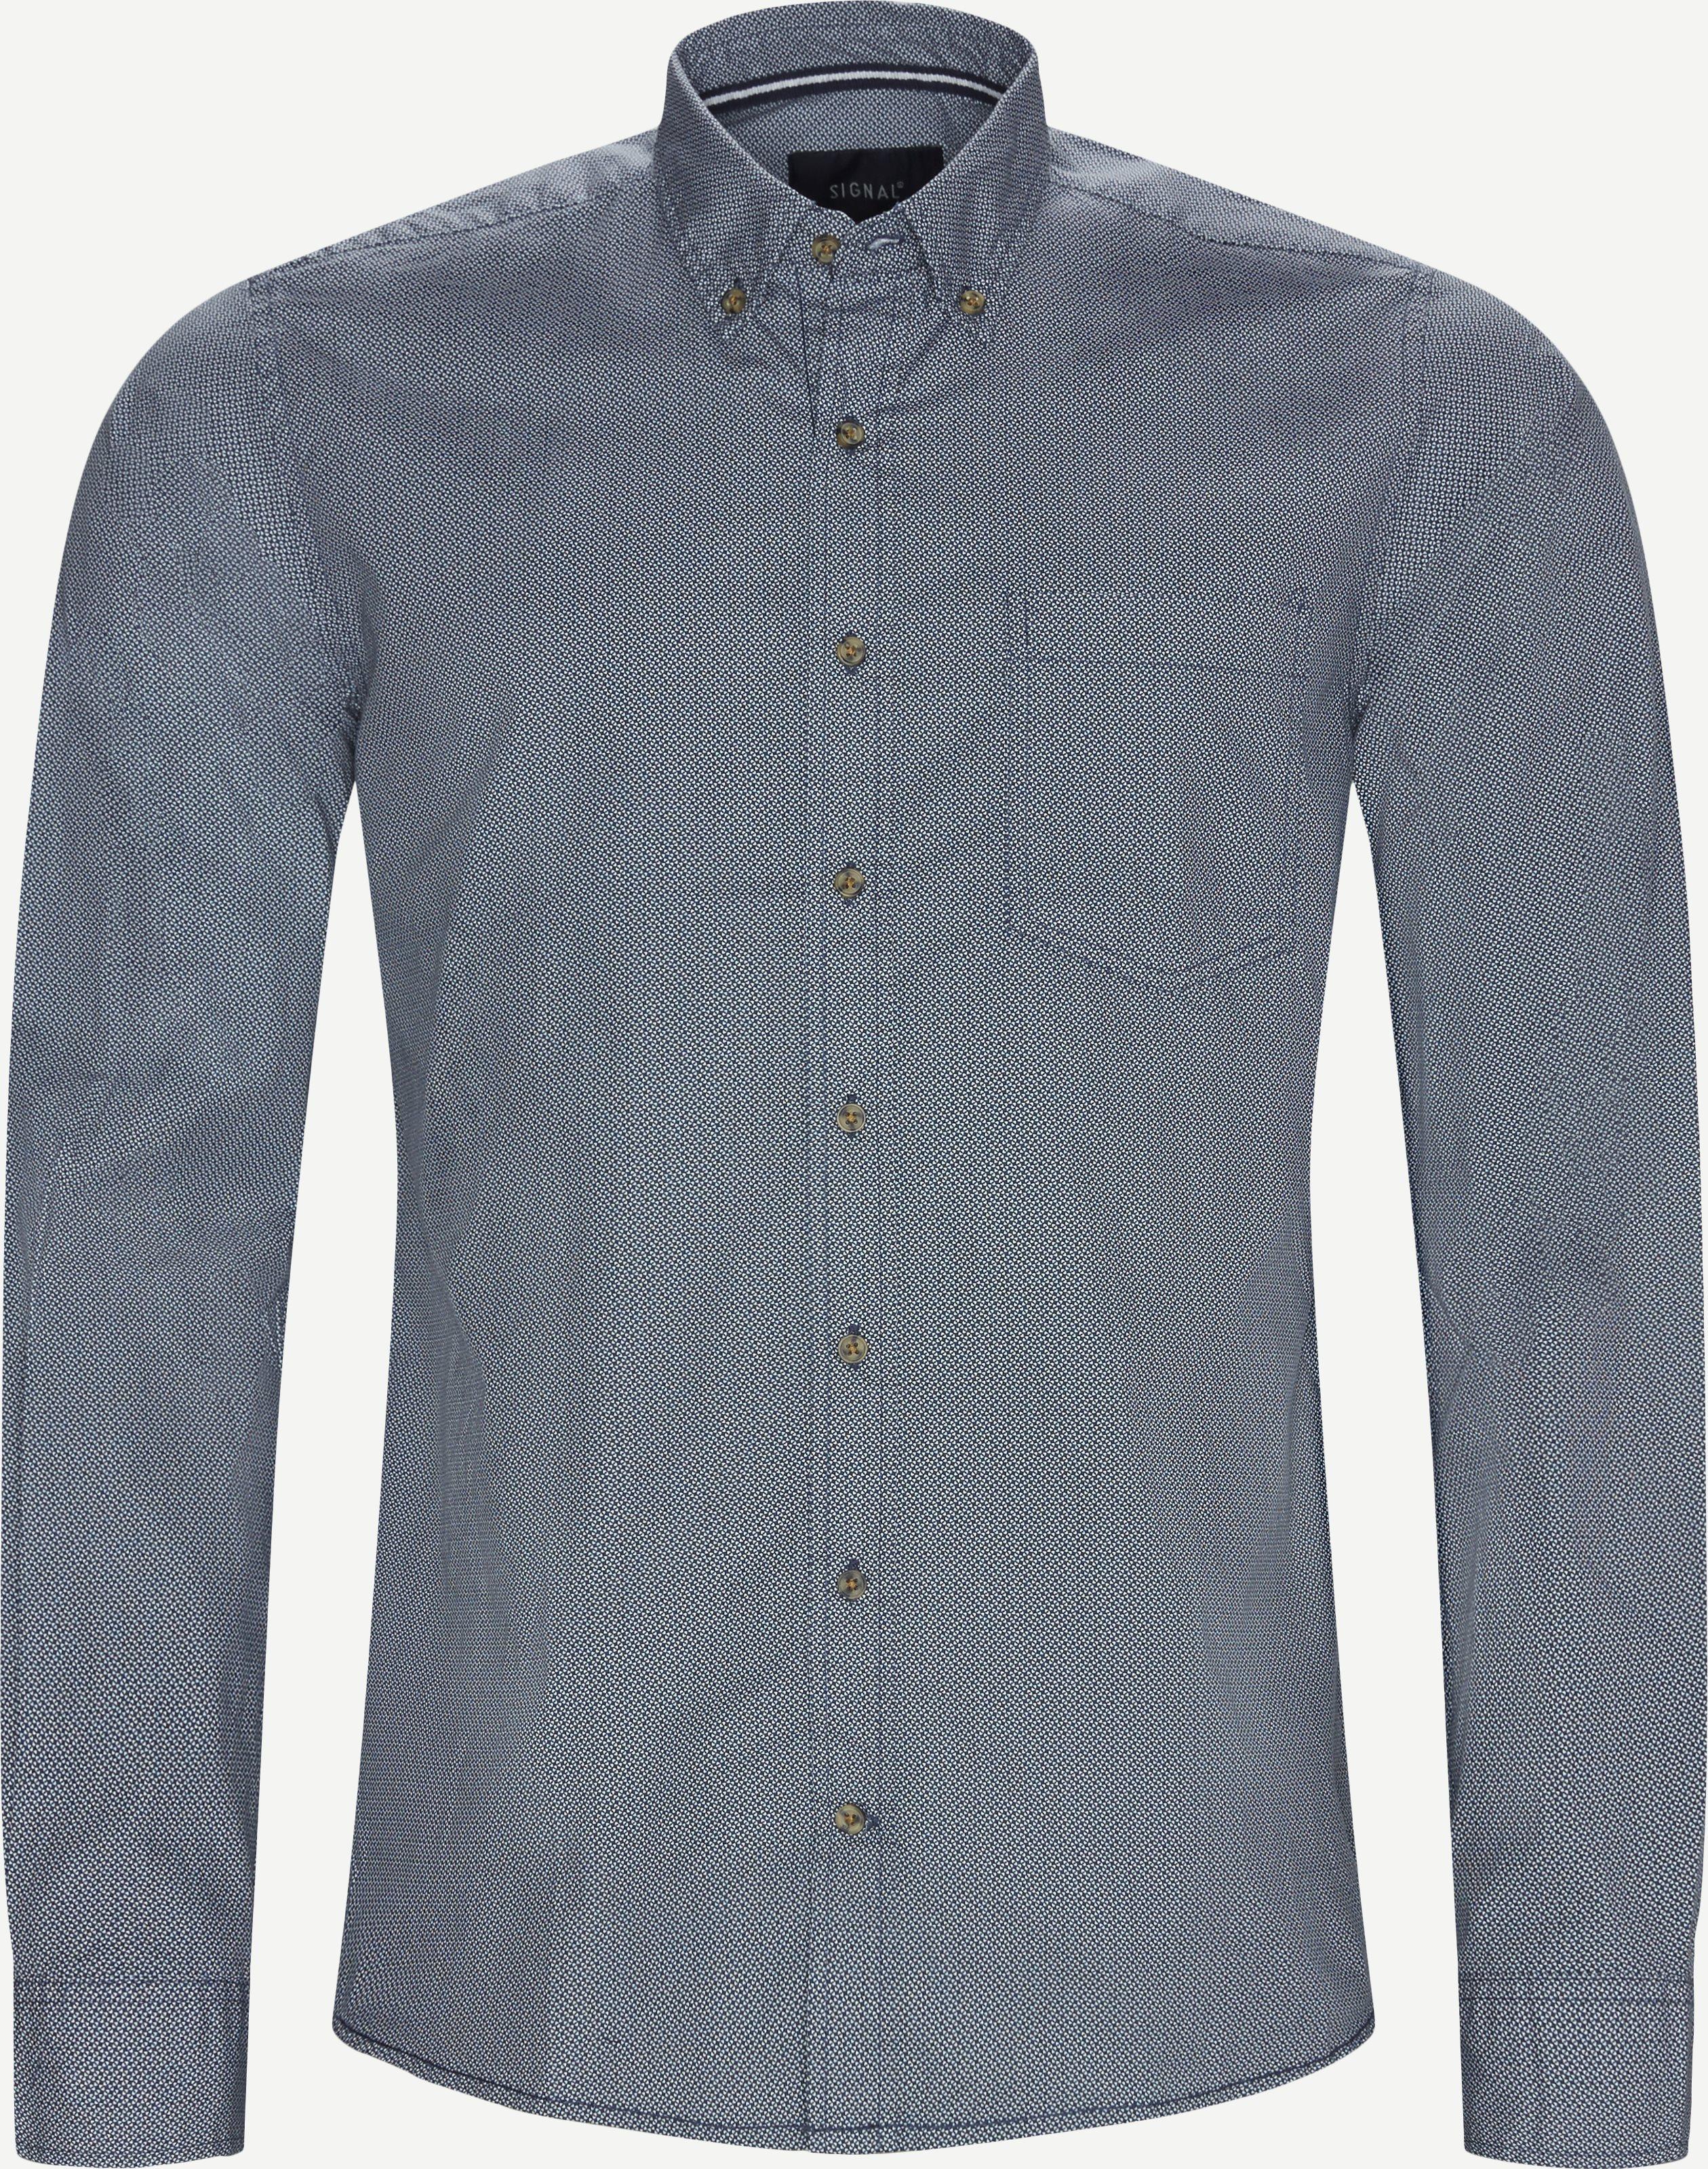 Neil Print CP Easy Skjorte - Skjorter - Regular - Blå